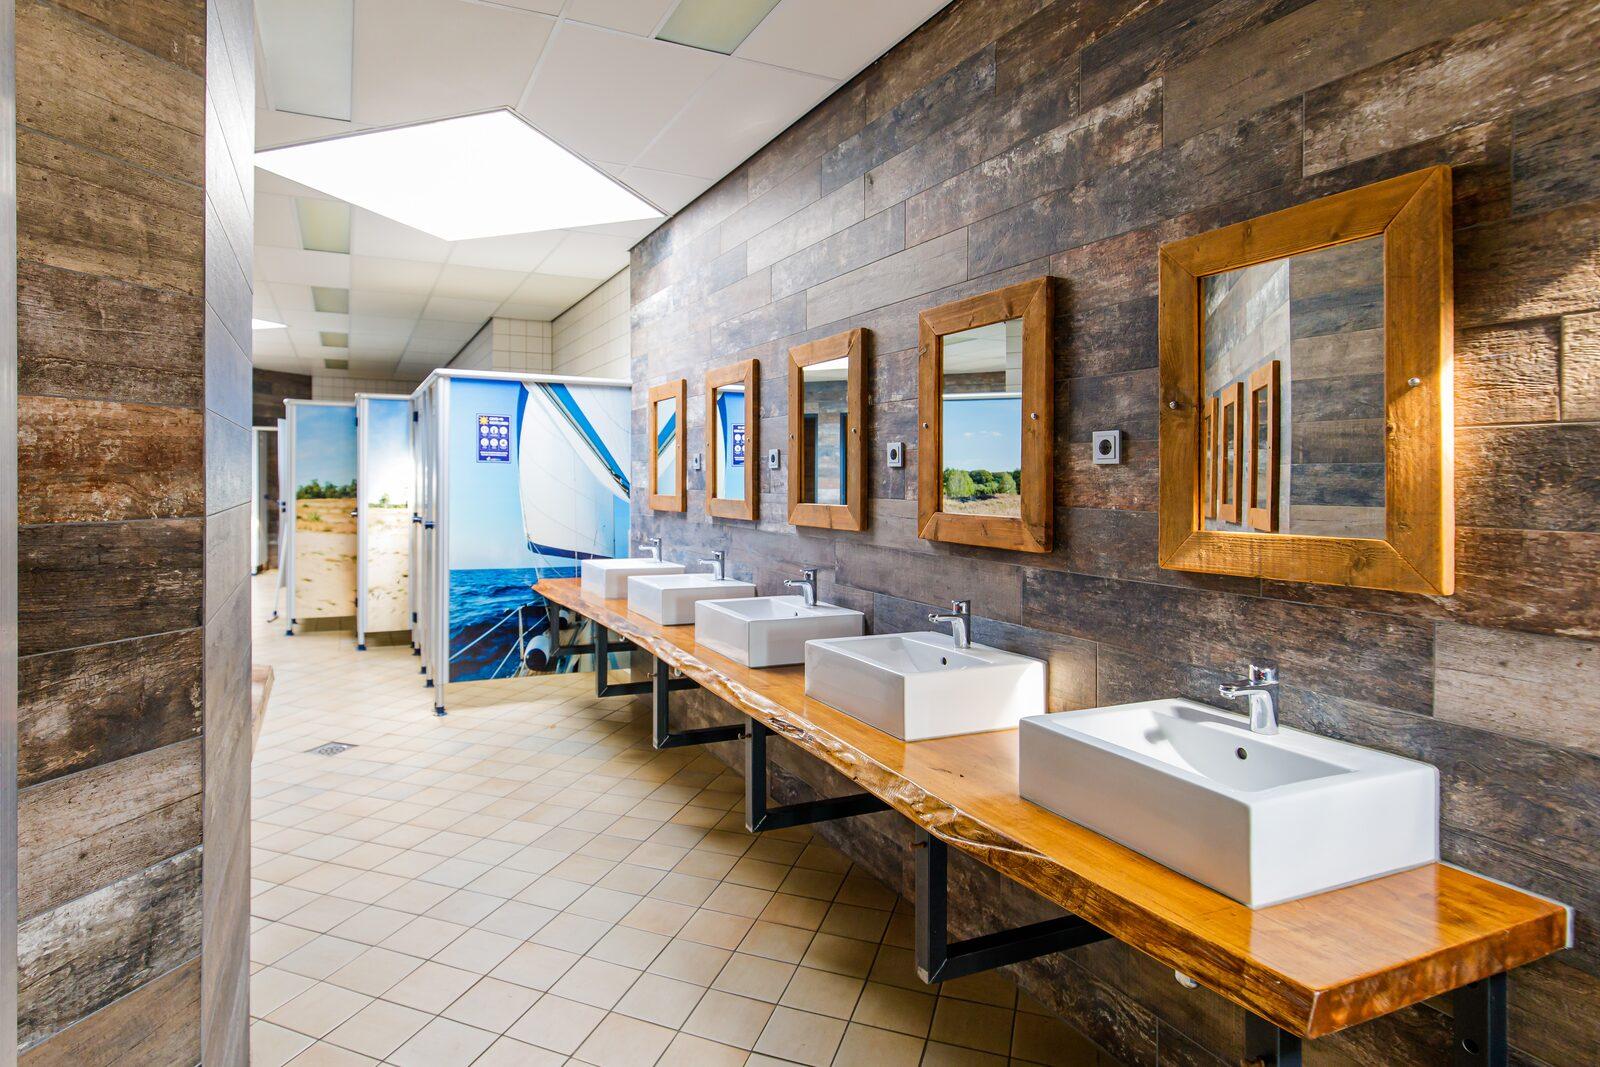 Sanitaire voorzieningen